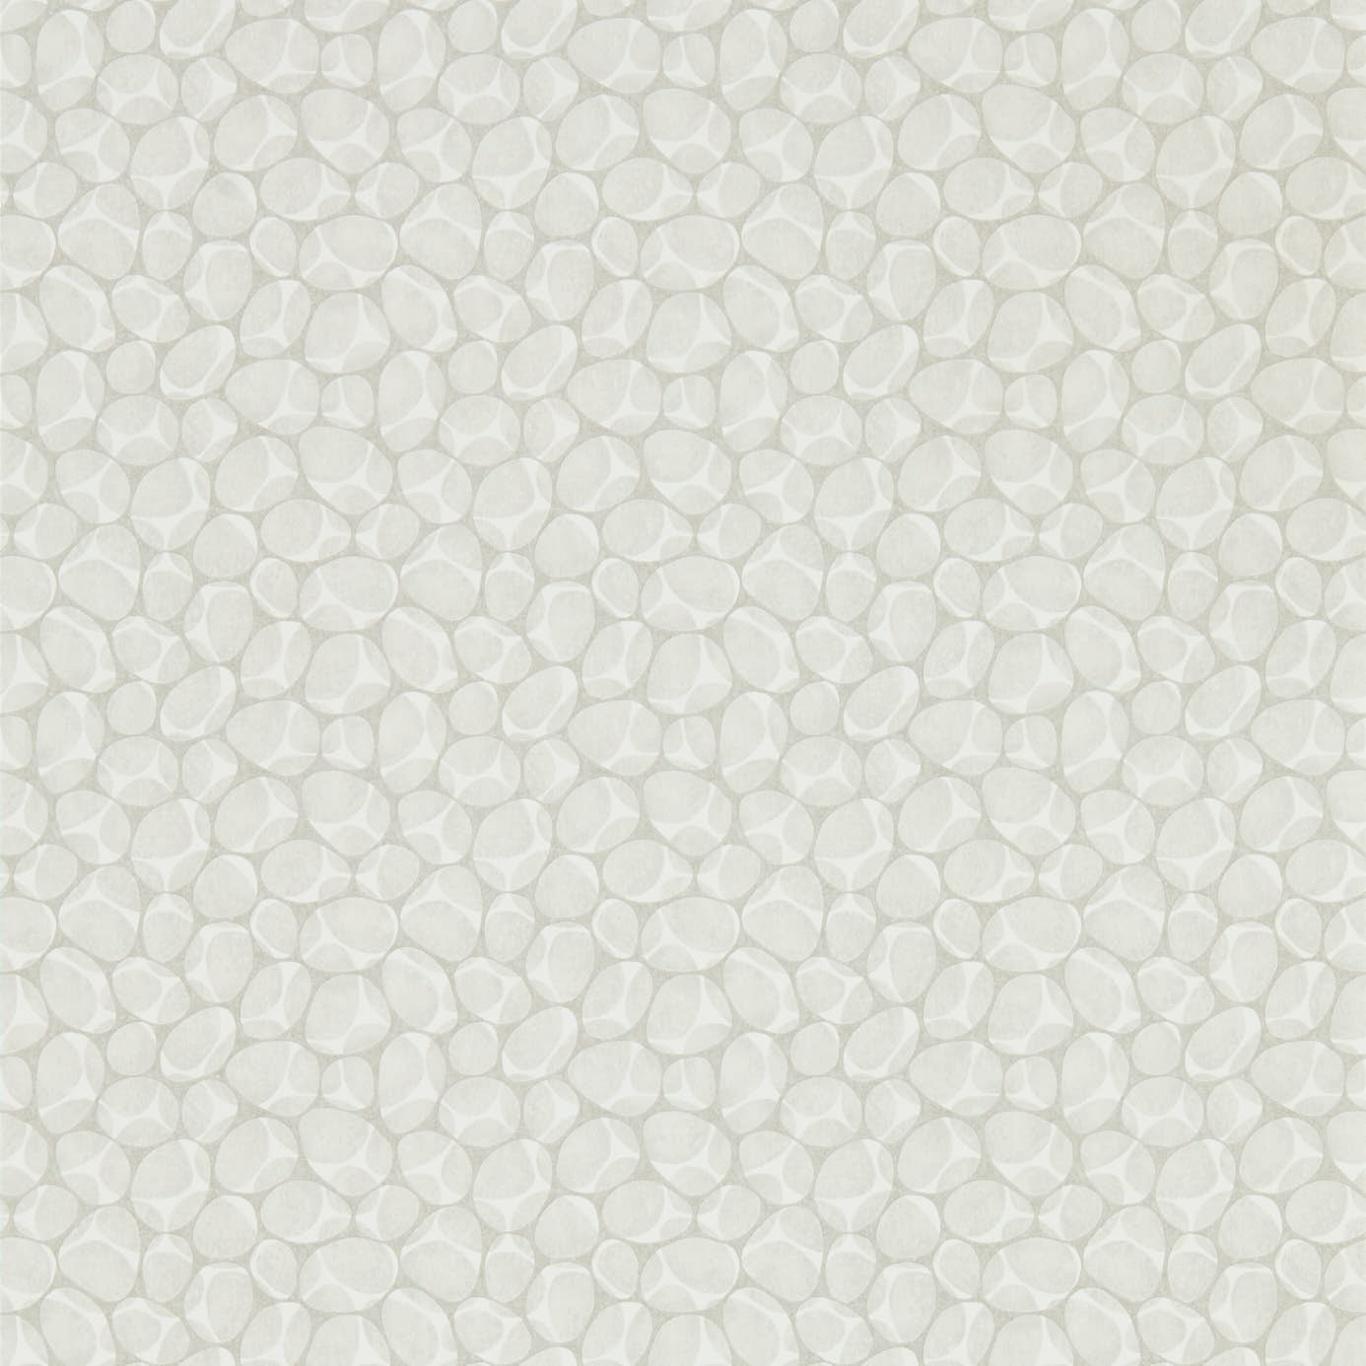 Image of Sanderson Home Cobble Gull Wallpaper 216582